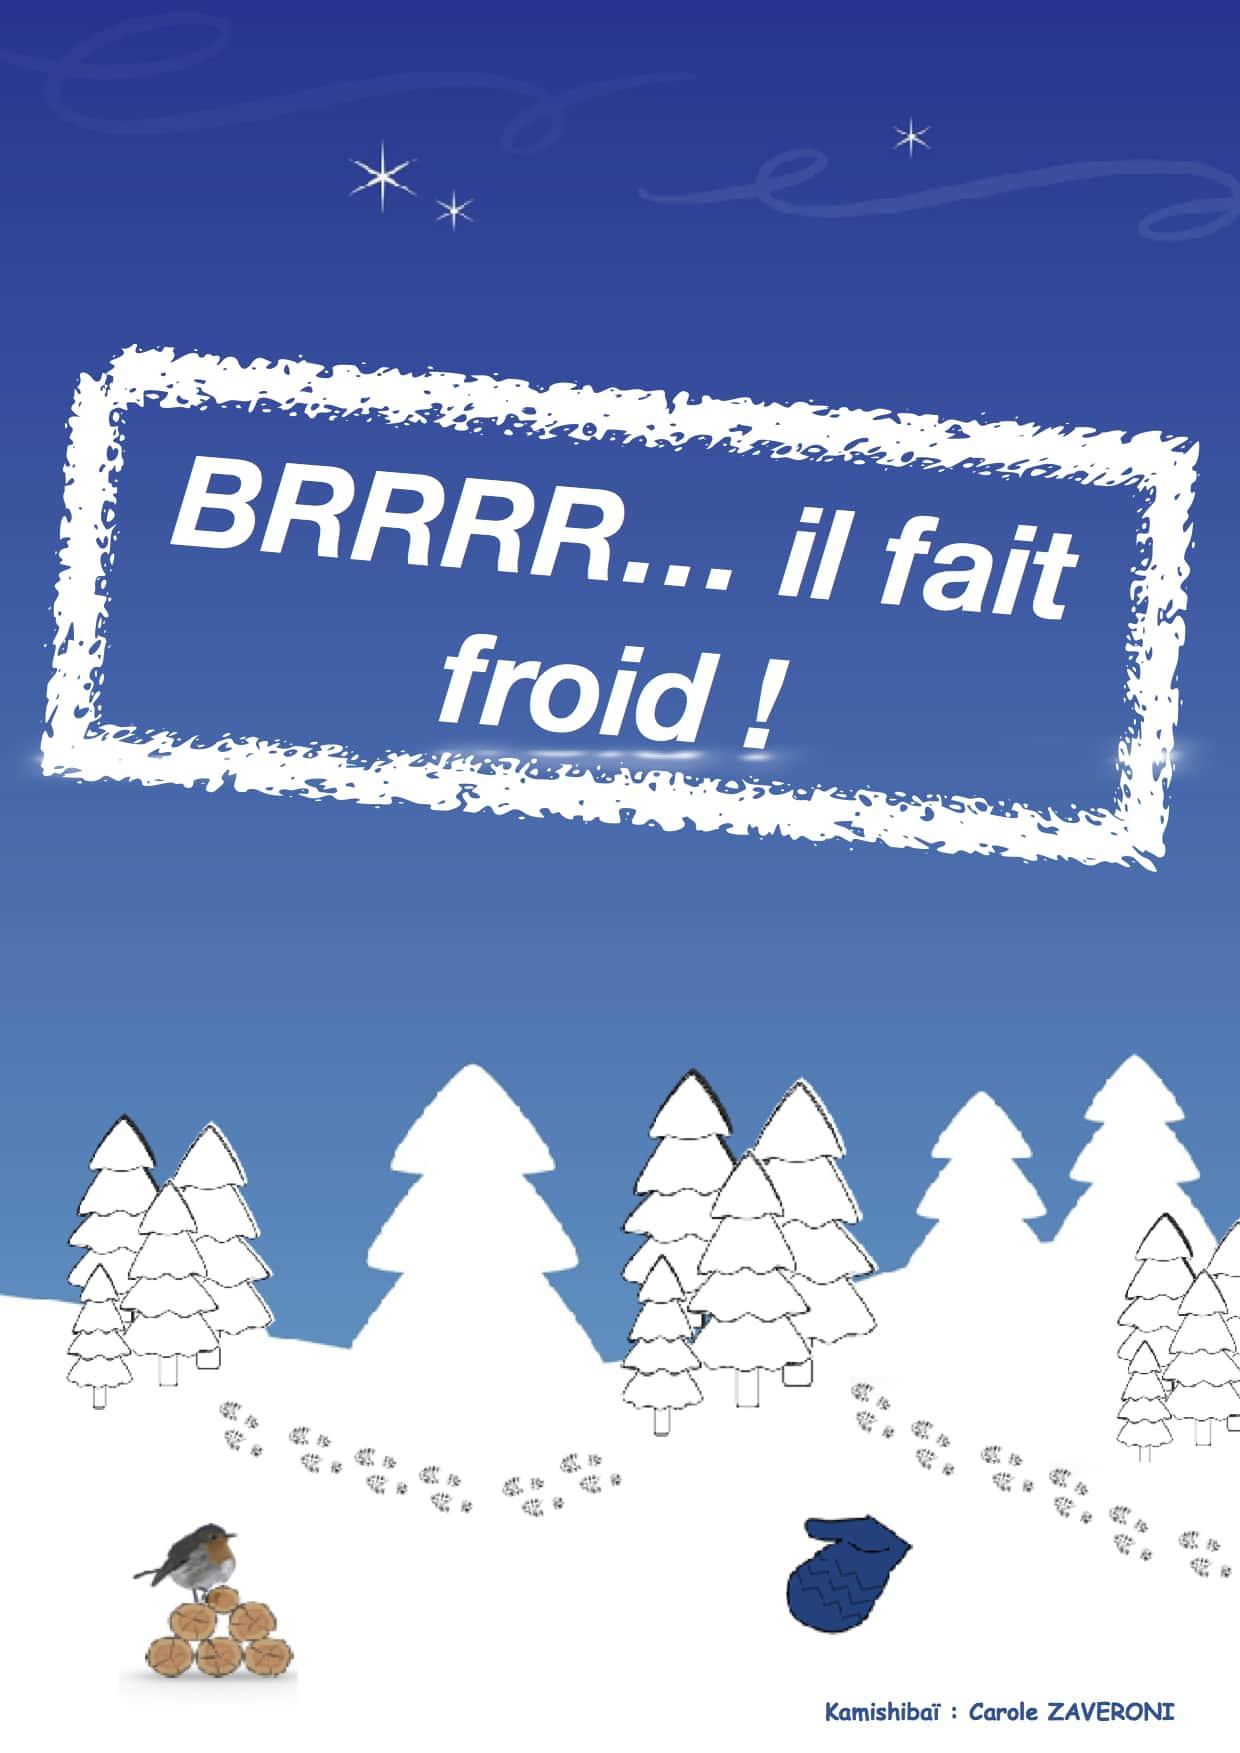 Brrr il fait froid - Kamishibaï - Carole Zaveroni - Théâtre L'Art Dû - 13006 - Marseille - spectacle enfant